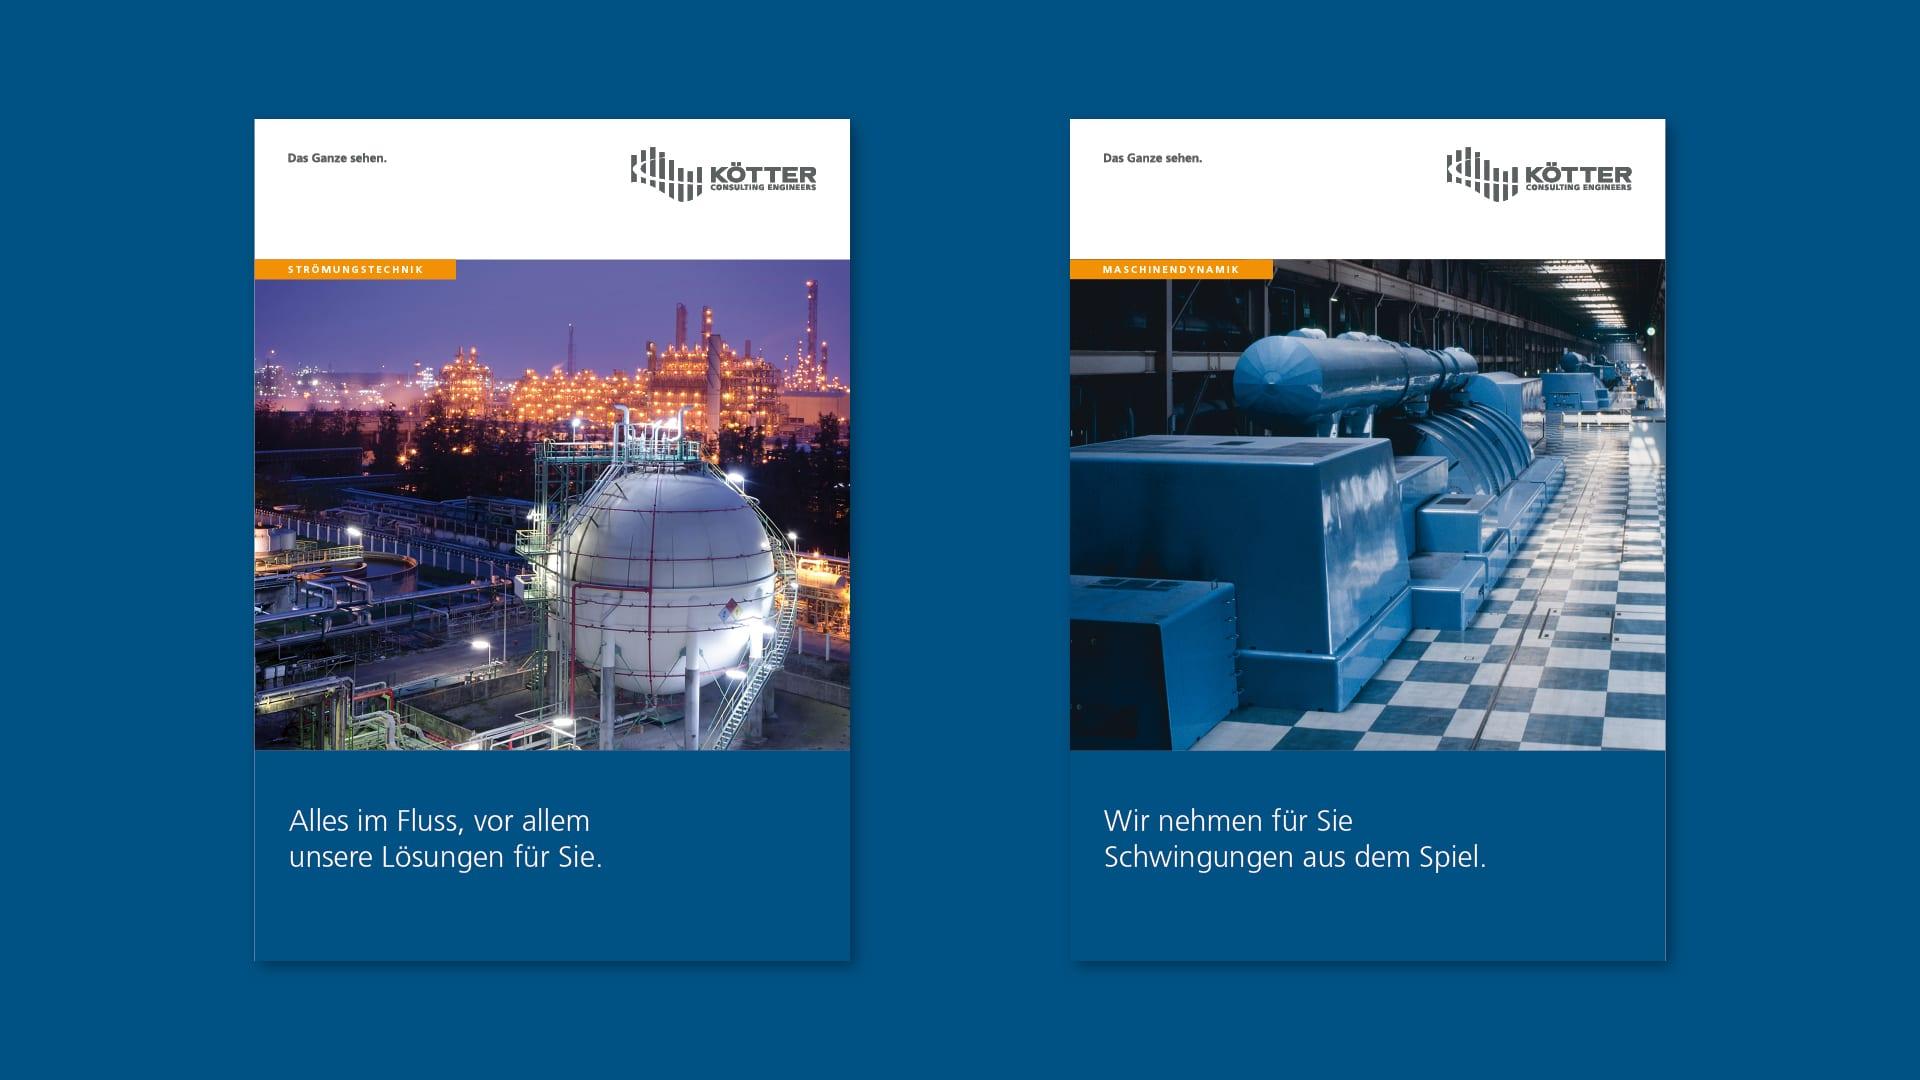 KCE Titelseiten Praes Aufb v01 - Spezialisten für Schwingungen treffen auf Experten für Corporate Design – Corporate Design, Grafikdesign, Kommunikationsdesign, Branding, Markenentwicklung, Editorial Design